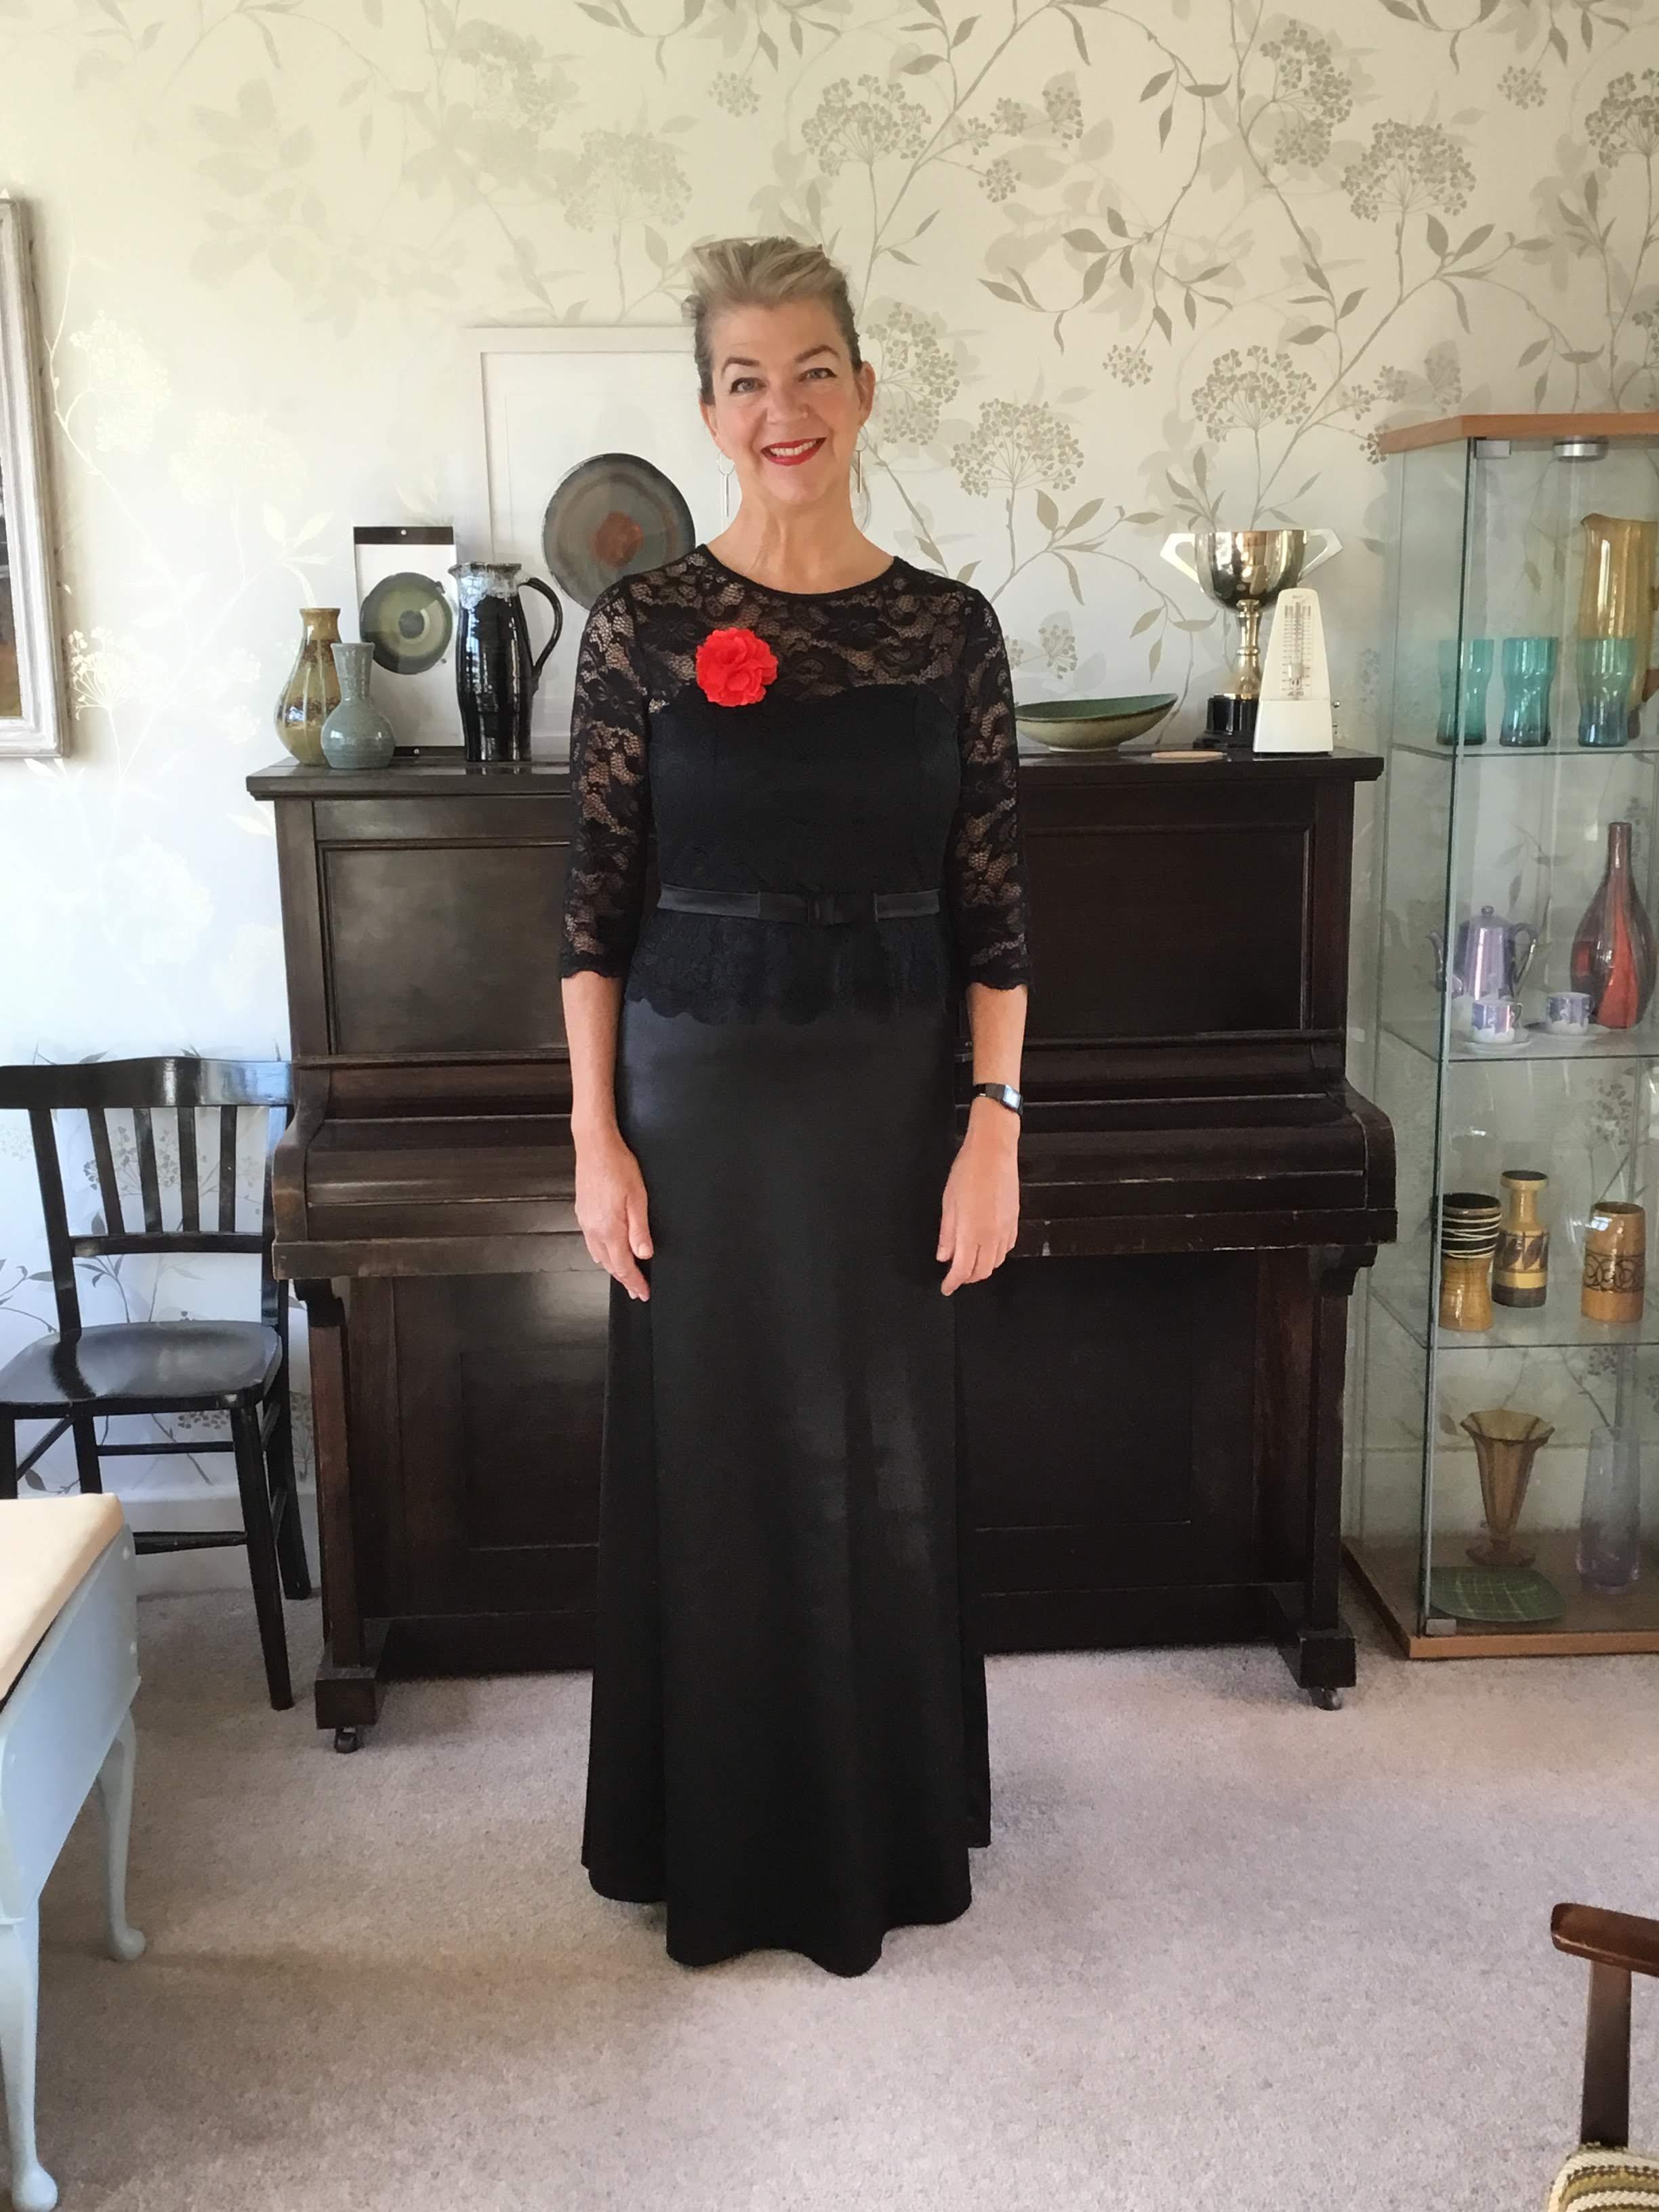 Nicola Burley, soprano singer – Nicola Burley